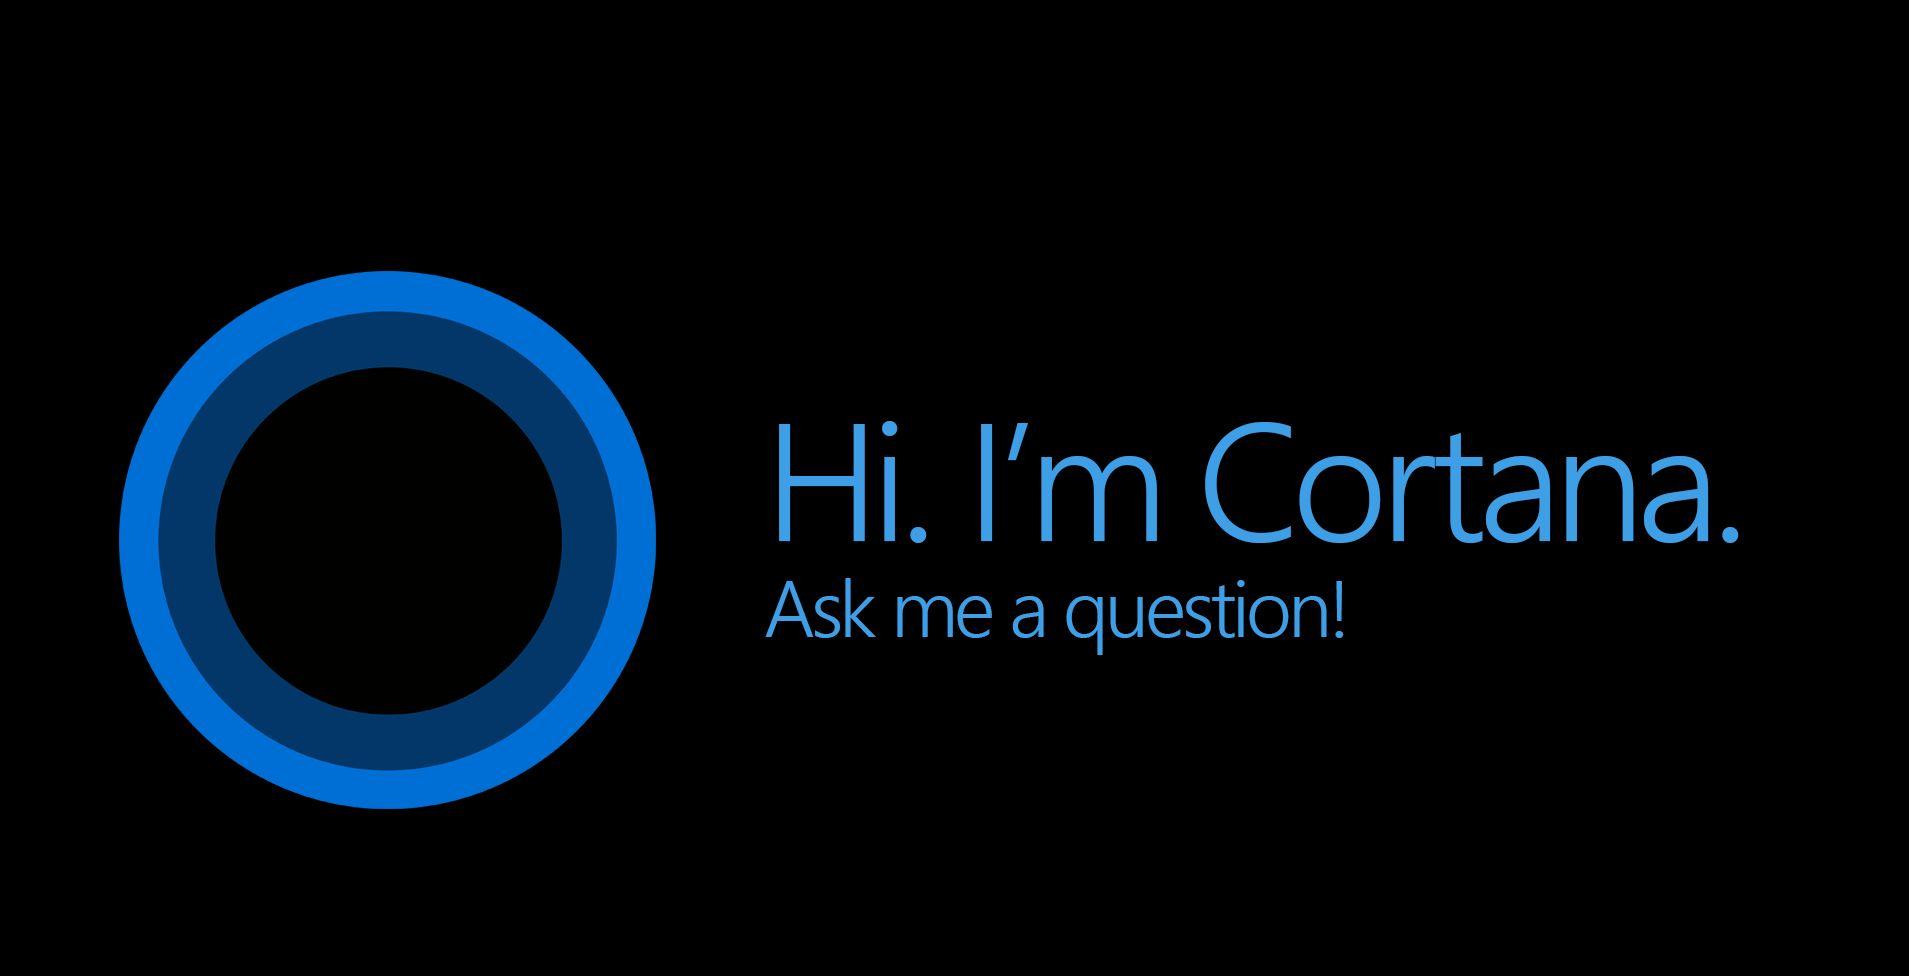 Hi, I'm Cortana, ask me a question